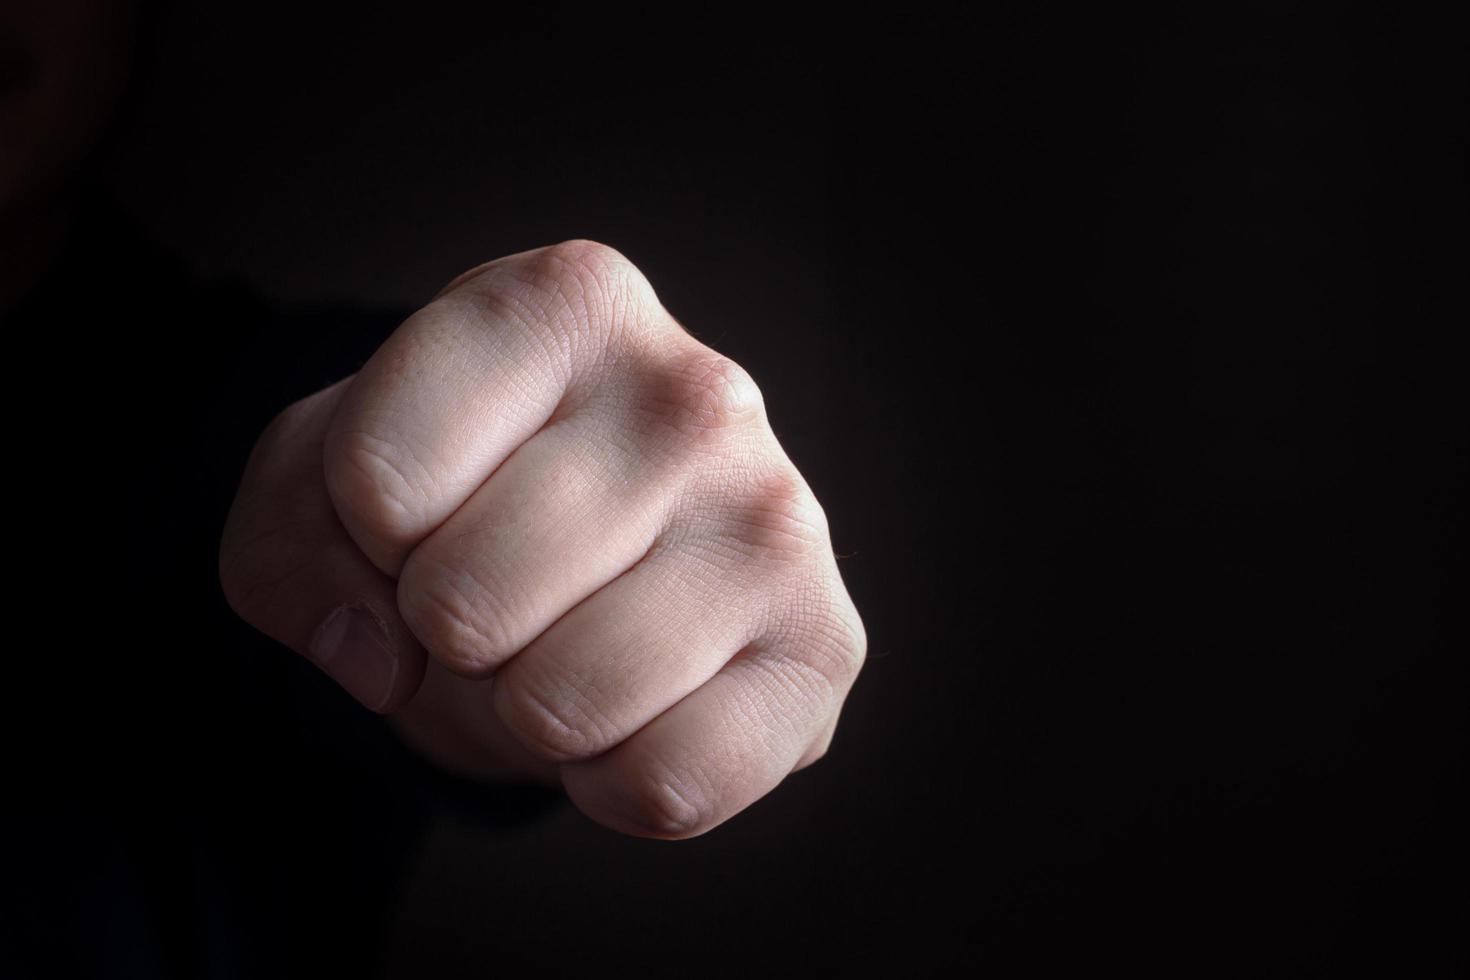 pugno di mano pugno su sfondo nero foto